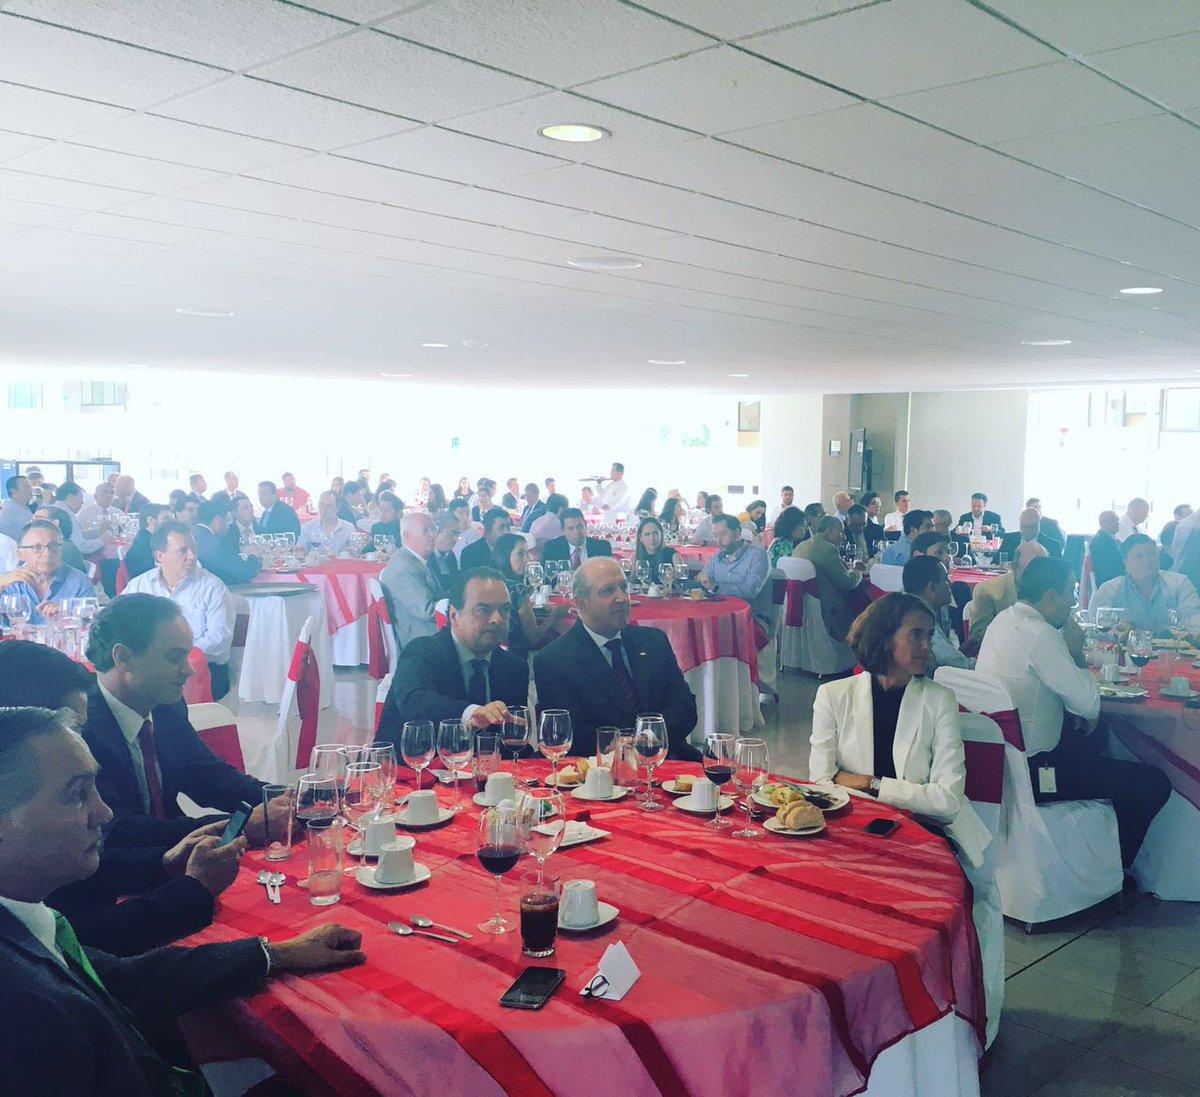 Estamos en la UP Guadalajara escuchando al Dr. Topa, Vicepresidente de @federalreserve en @imef_gdl @imefoficial https://t.co/XkvT5kSkpy